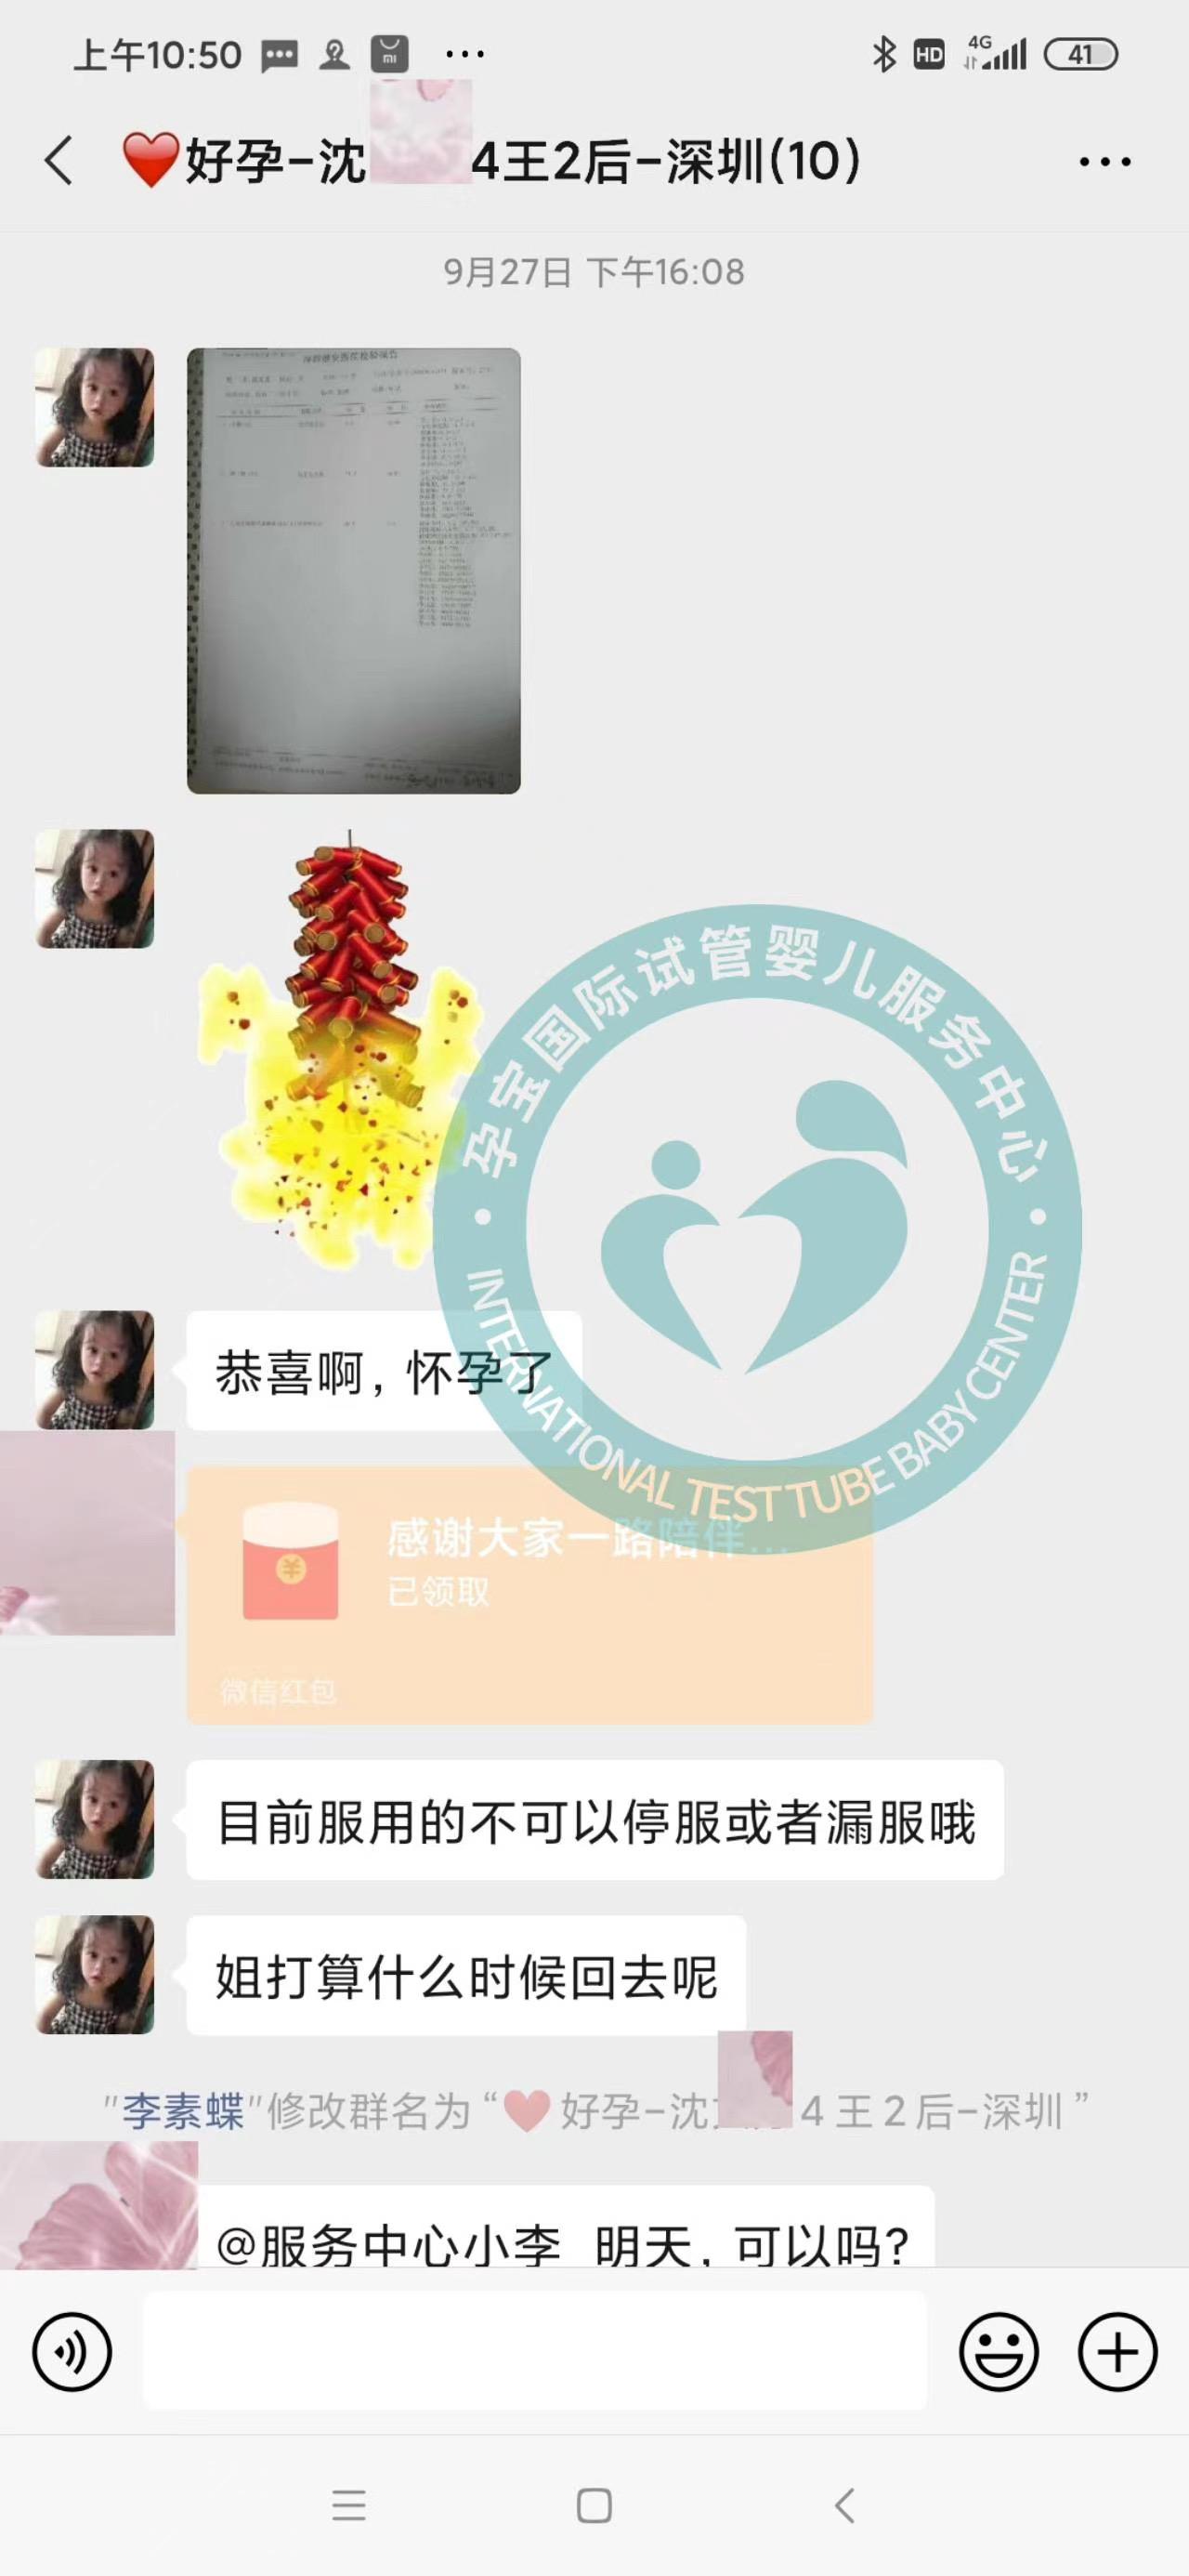 49岁失独家庭求子成功 她的一路坚持令人动容-孕宝国际九月成功案例分享